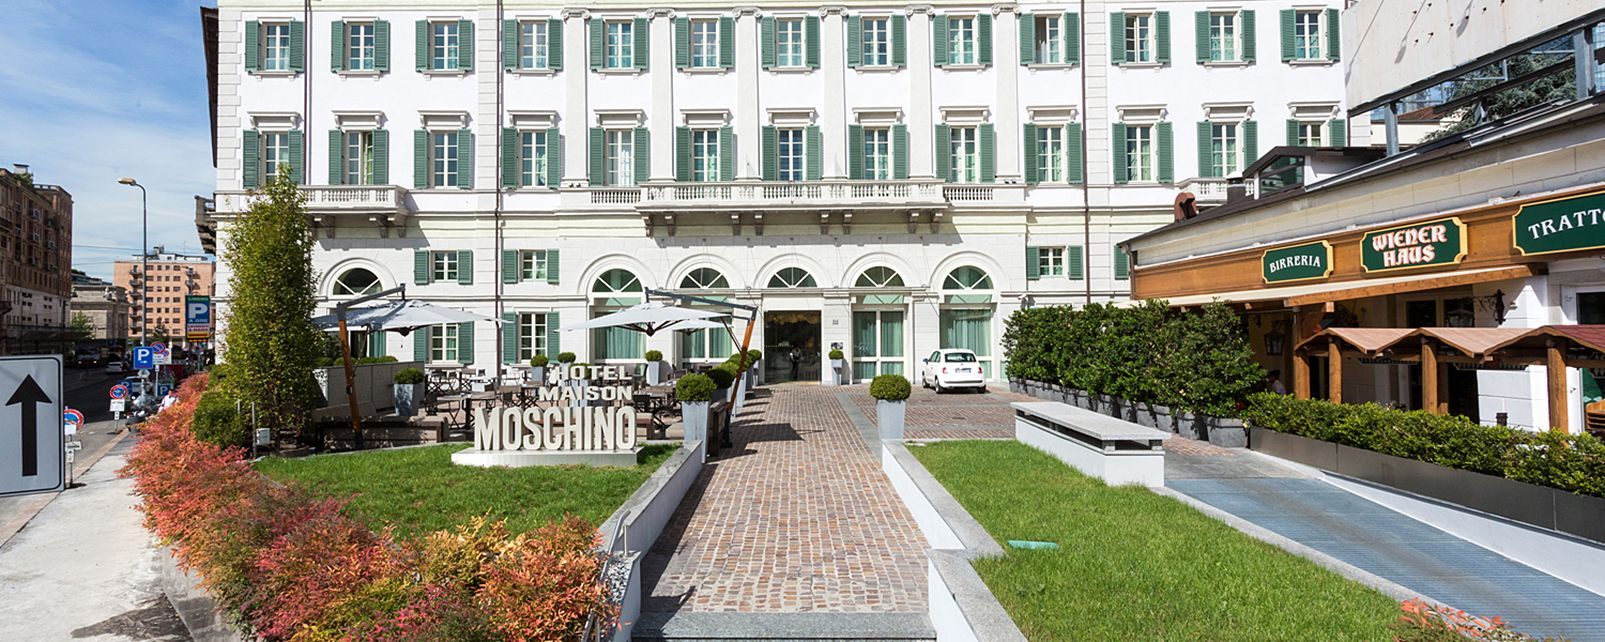 H tel maison moschino milan italie for Maison moschino milan